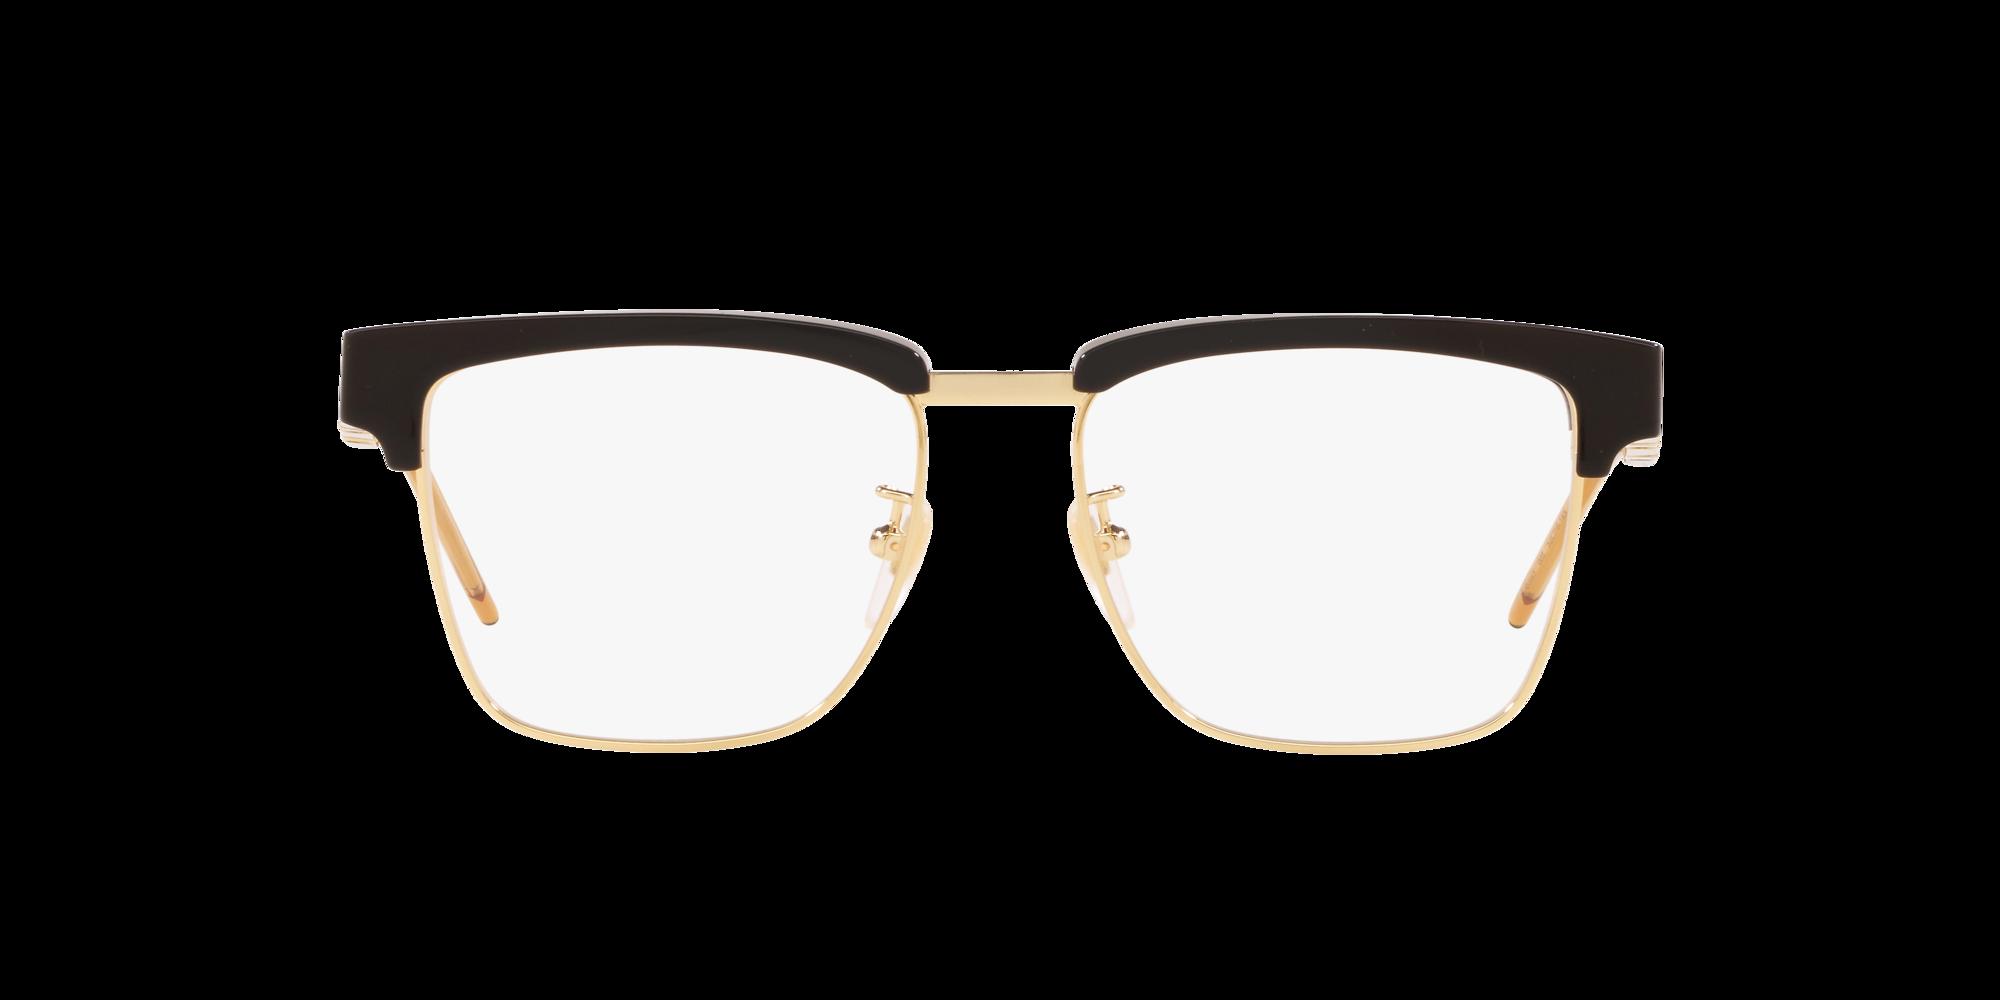 Imagen para GG0605O de LensCrafters    Espejuelos, espejuelos graduados en línea, gafas